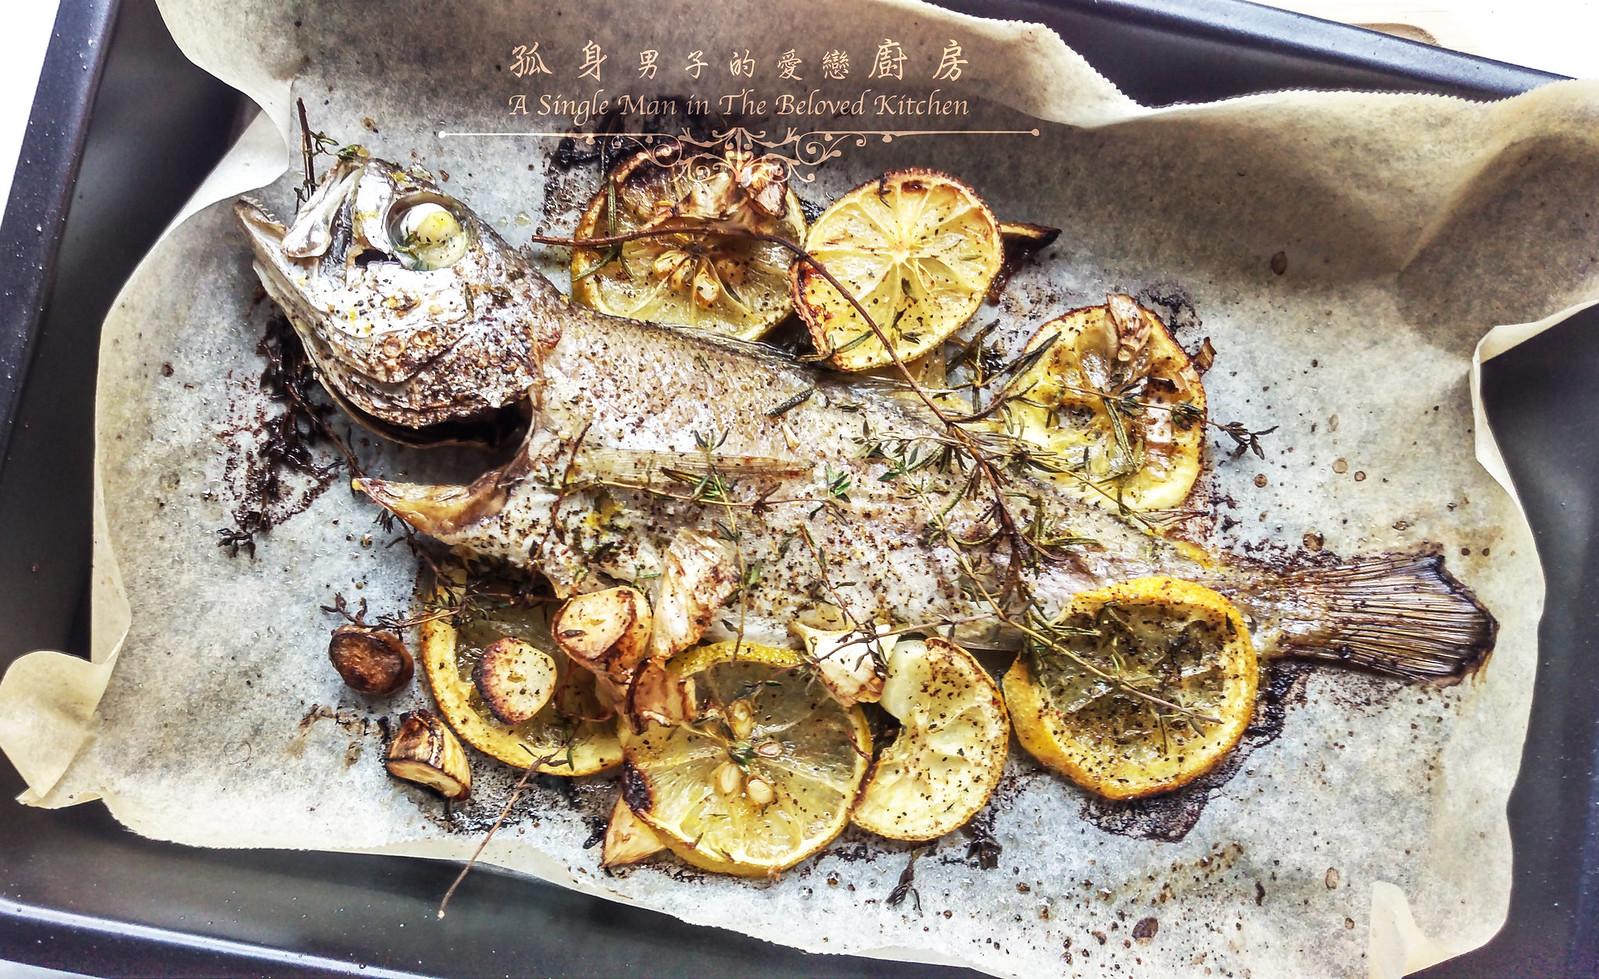 孤身廚房-地中海風味烤黑喉魚佐鑄鐵烤盤烤蔬菜10